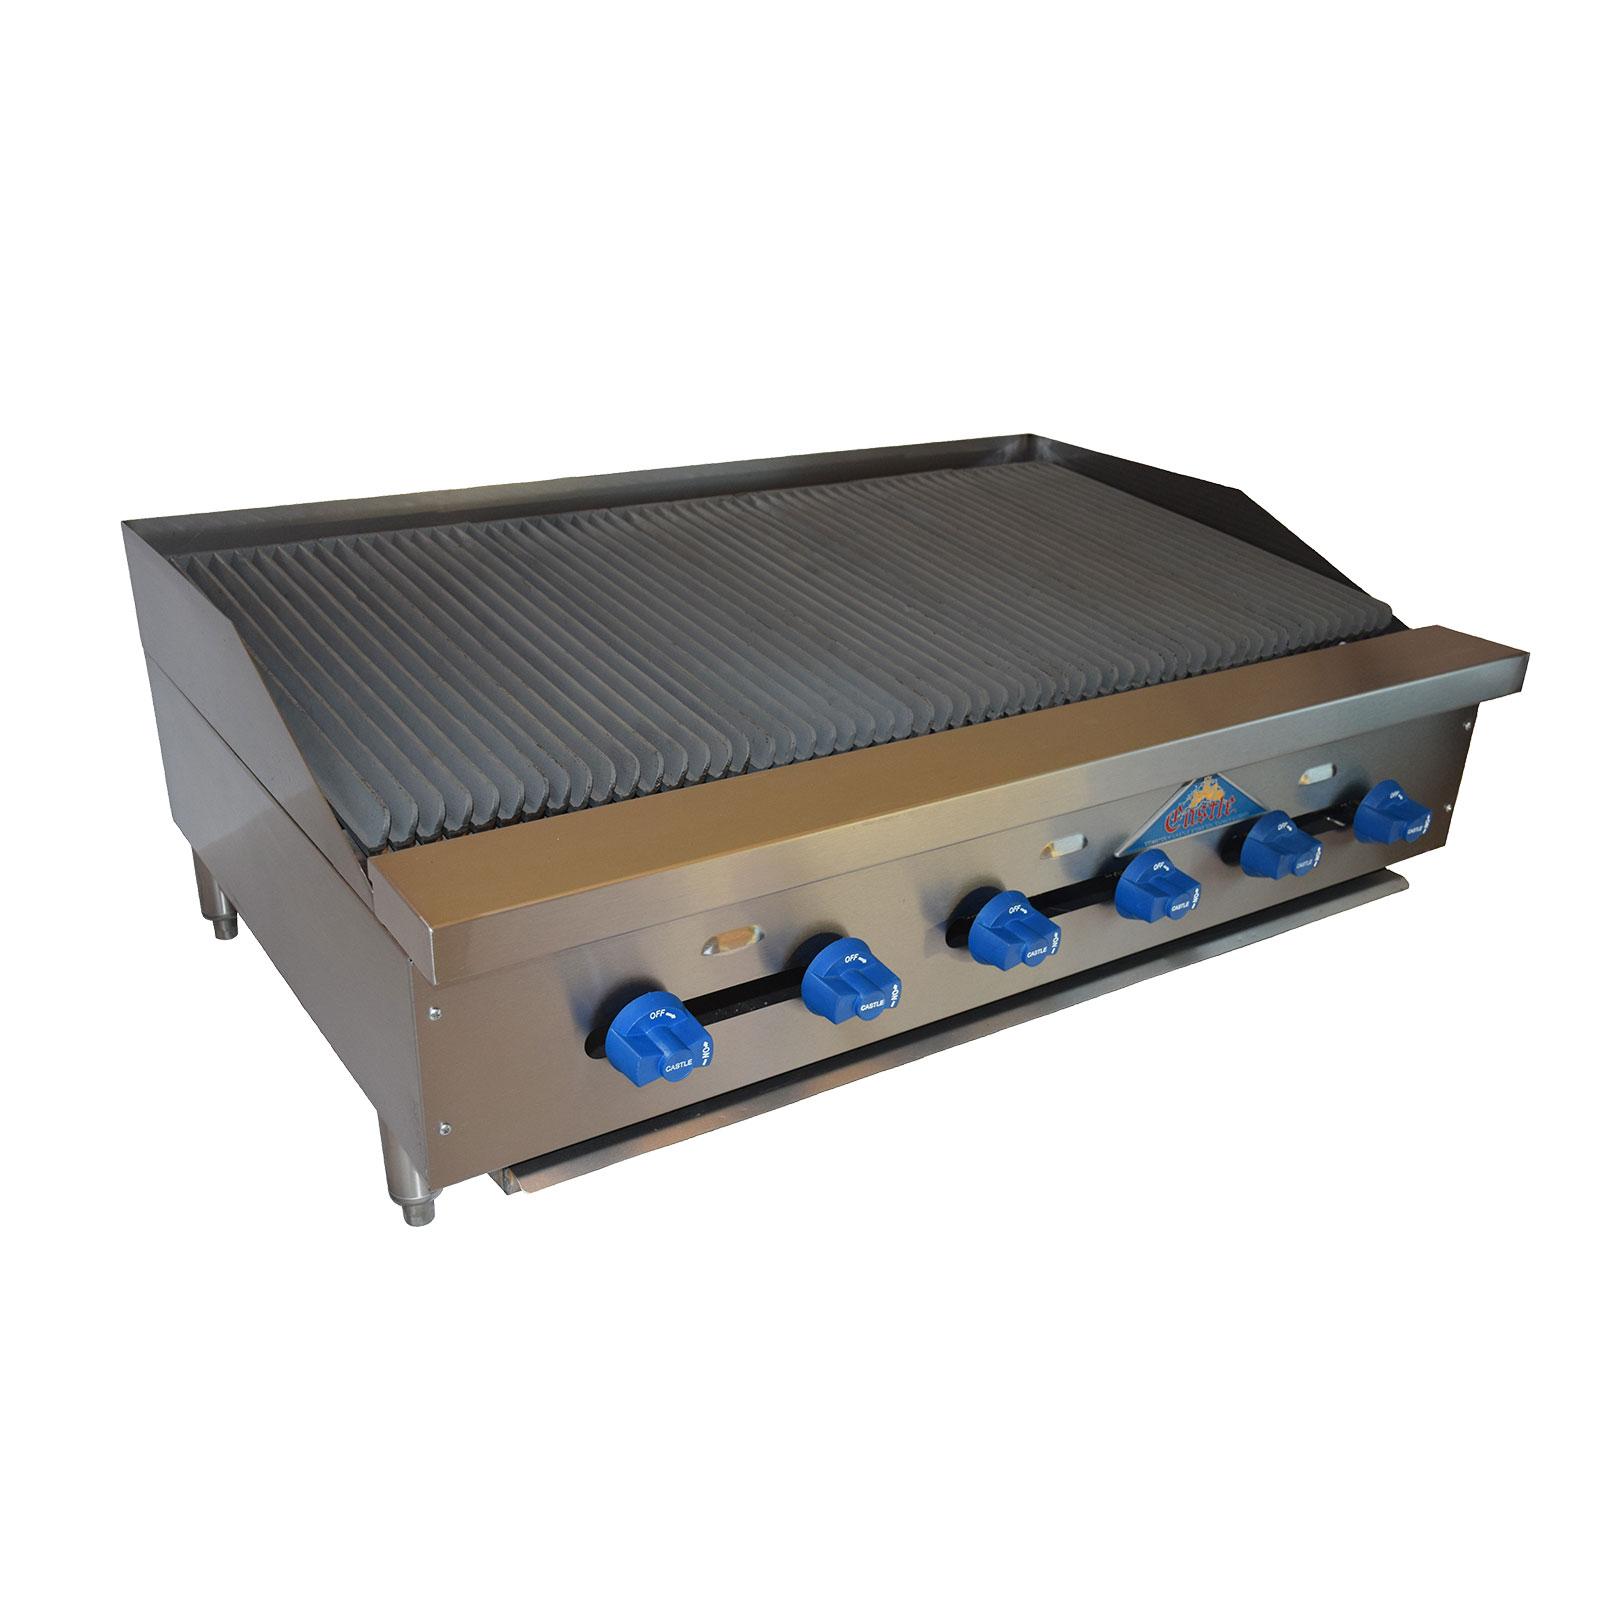 Comstock-Castle FHP42-3.5LB charbroiler, gas, countertop